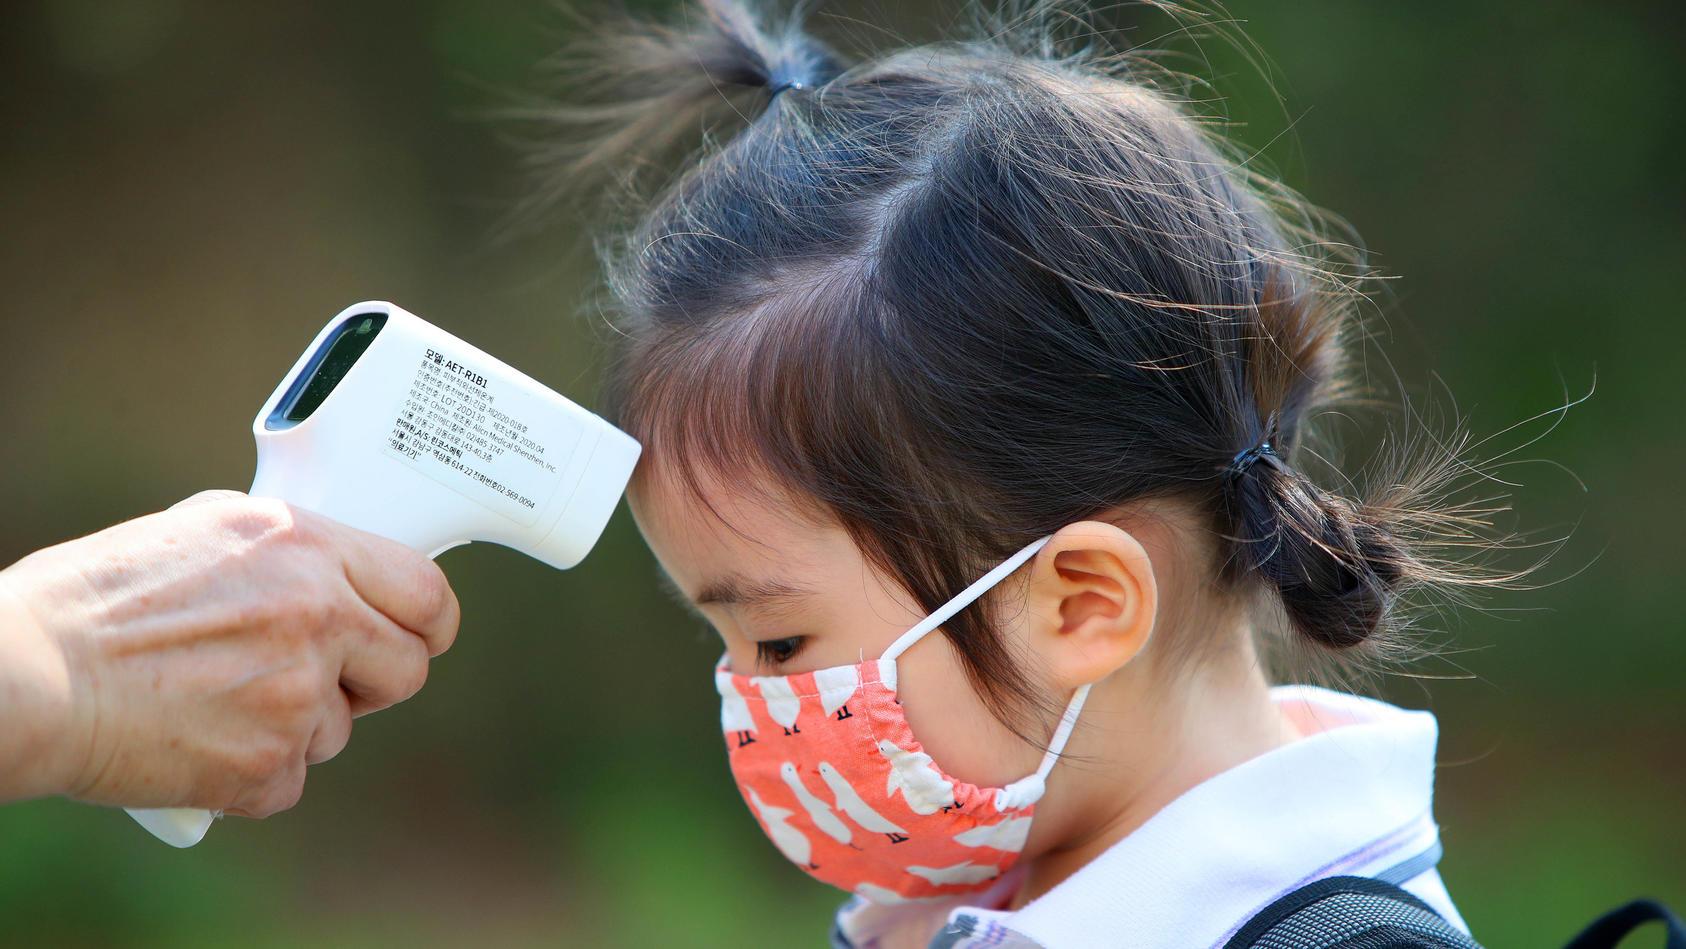 Coronavirus: Kinder gelten als weniger gefährdet als Erwachsene. Aber trifft das auf alle Kinder zu?